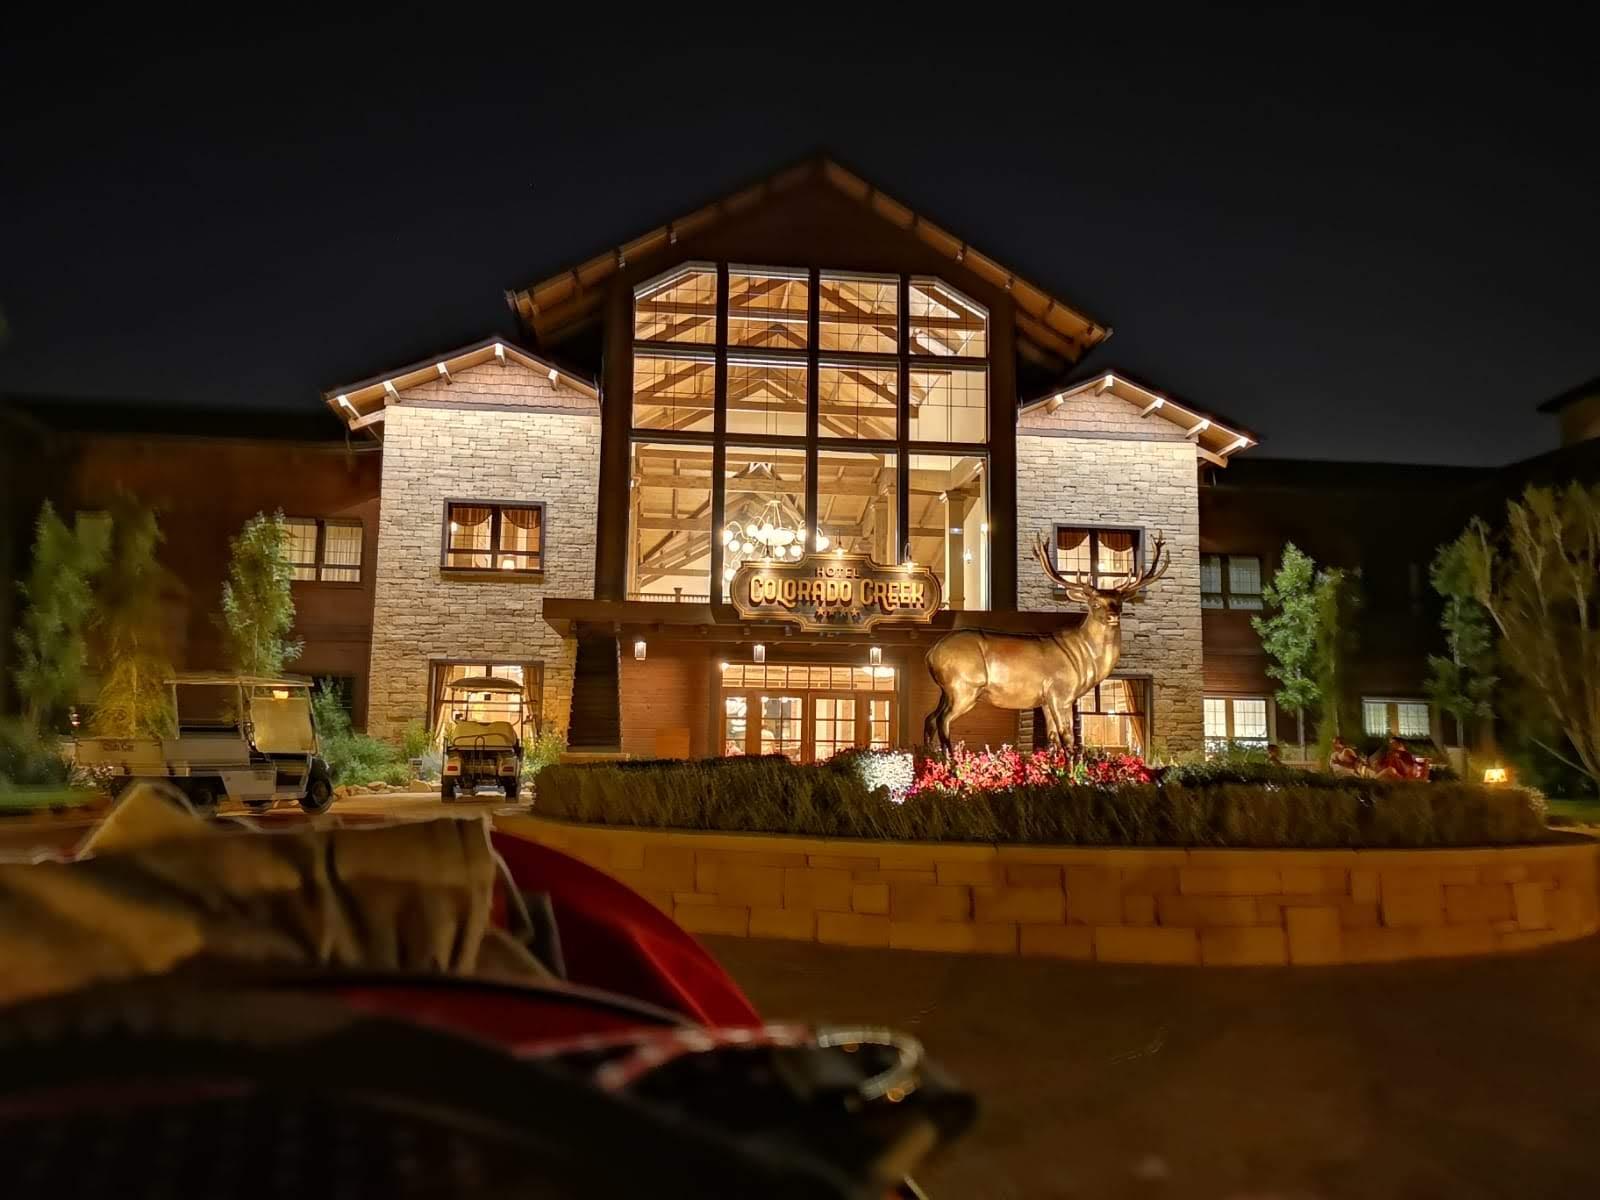 Hotel Colorado Creek de noche